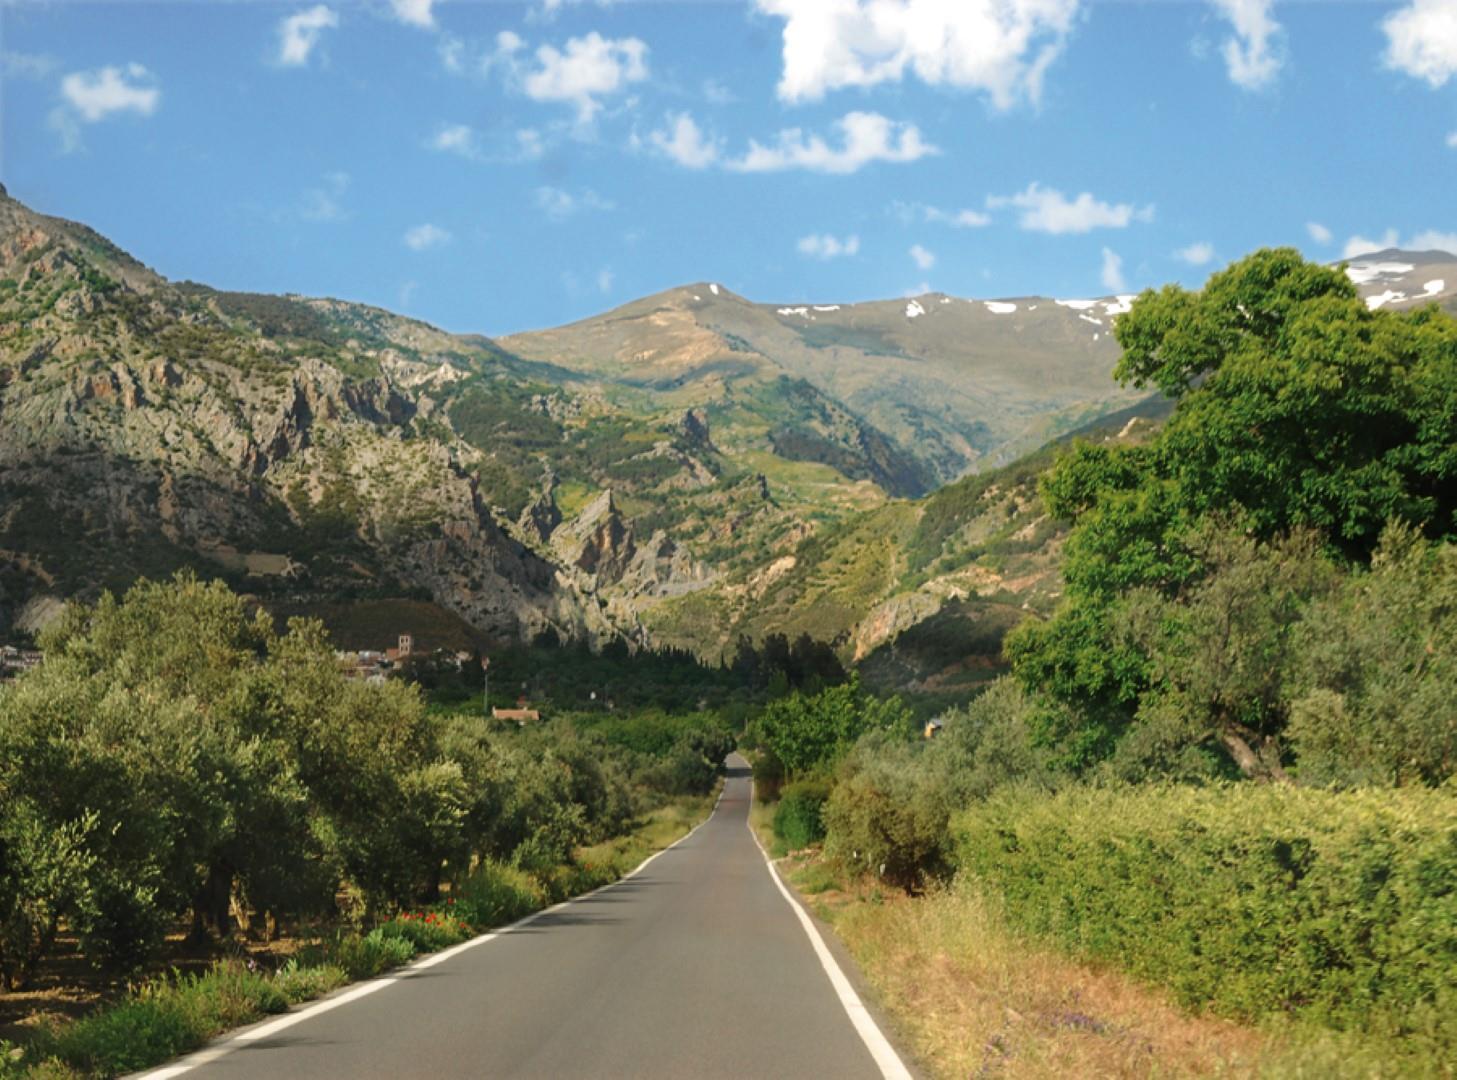 casa-niwalas-road-to-niguelas-groot.jpg